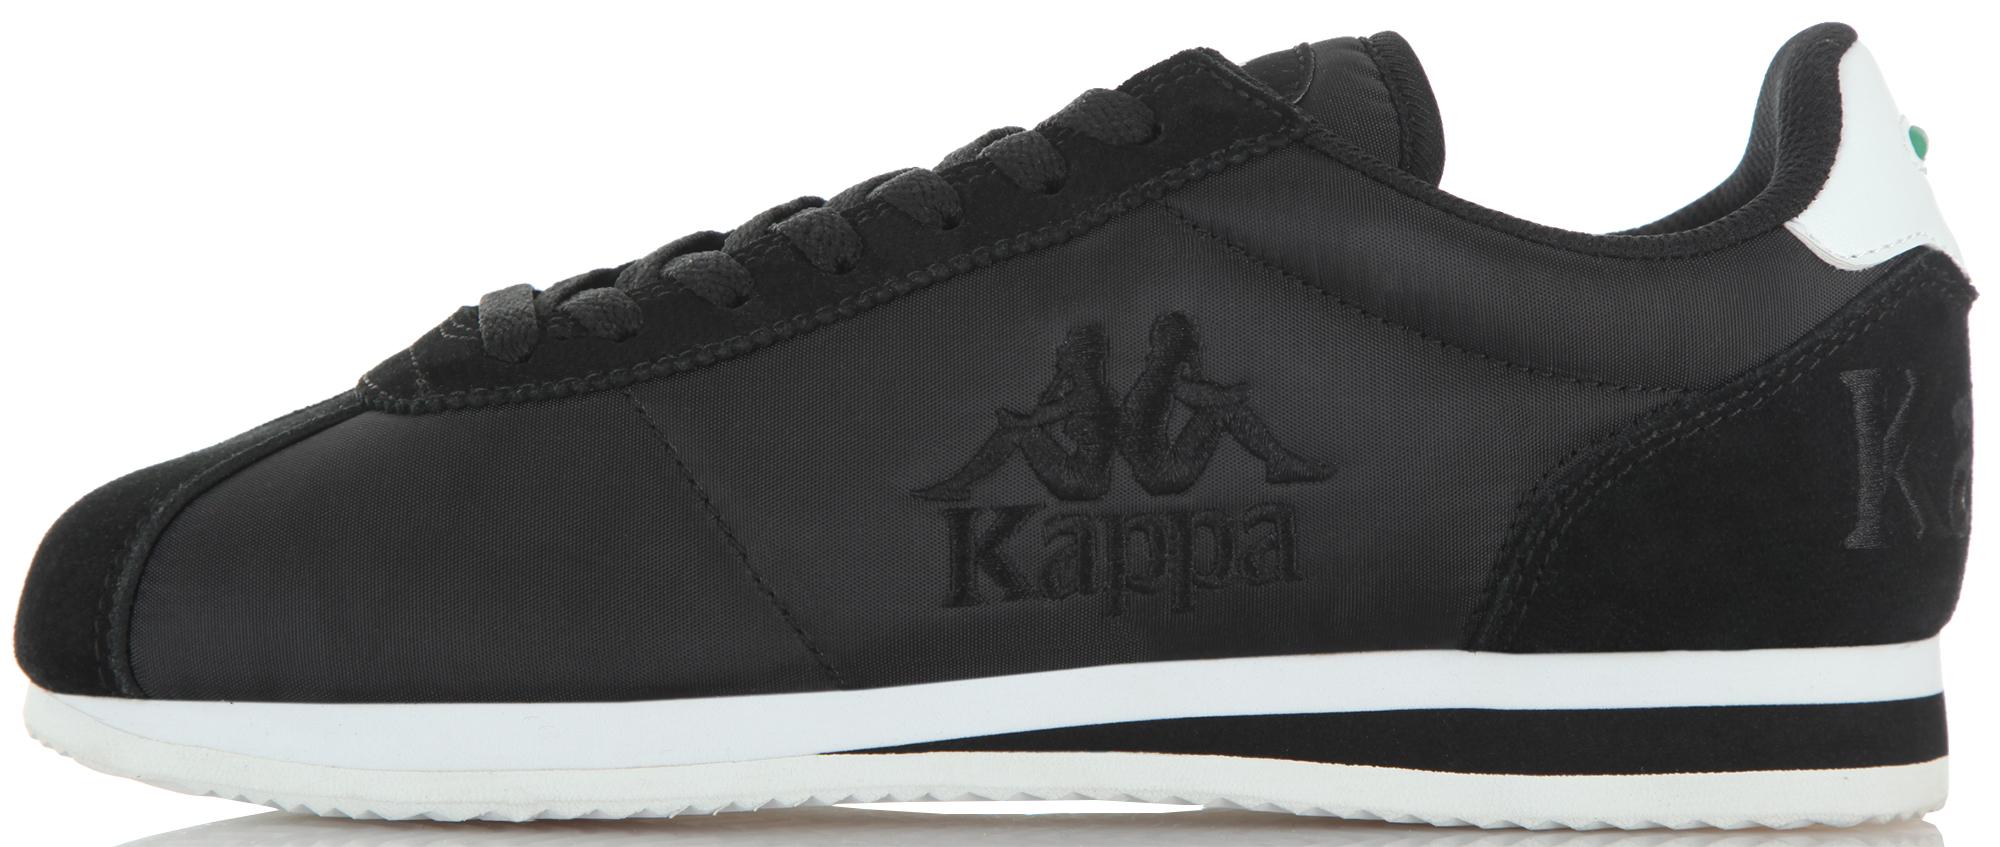 Kappa Кроссовки мужские Kappa Alfa, размер 45 kappa кеды мужские kappa teron